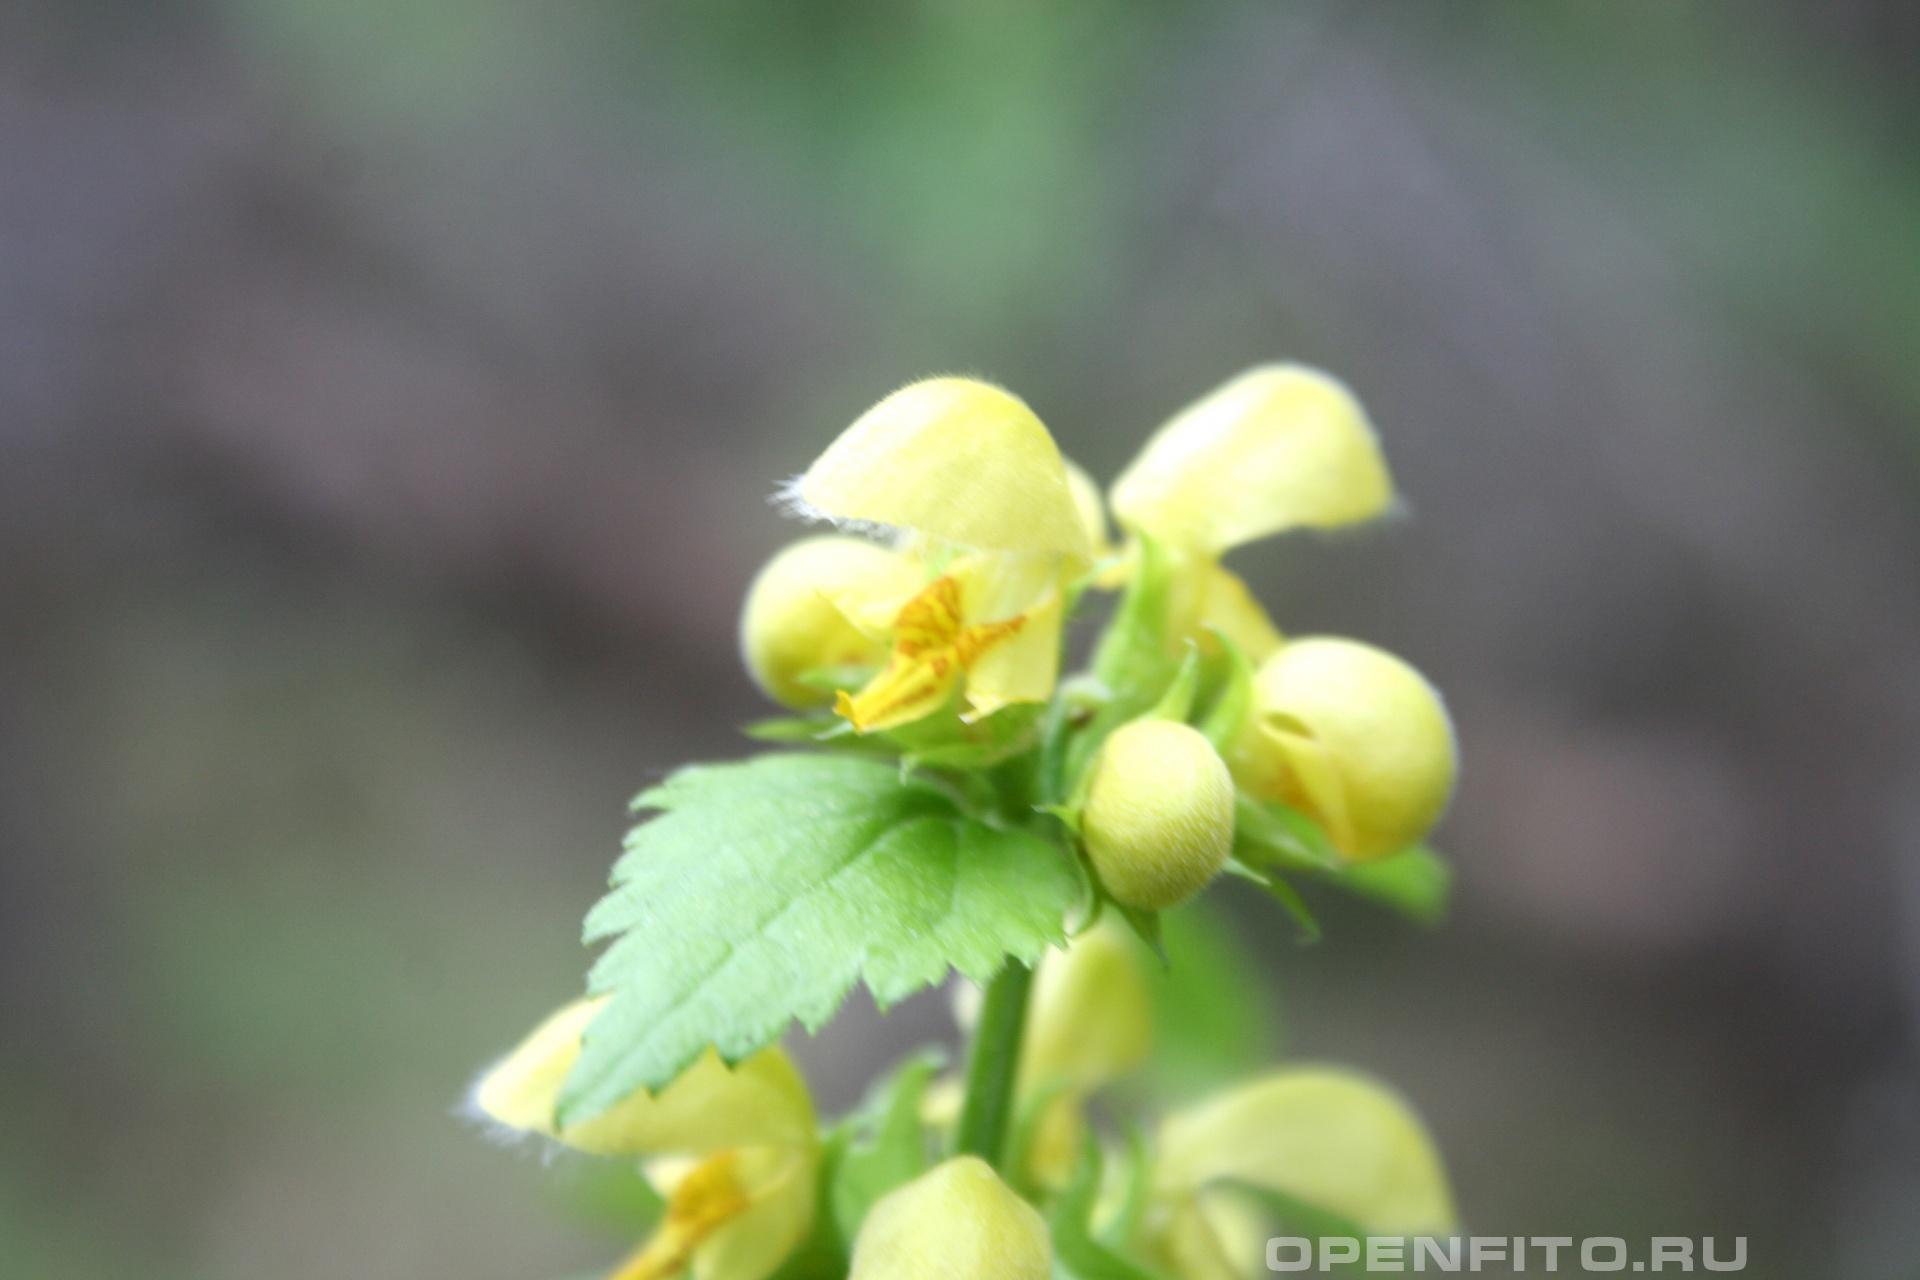 Зеленчук желтый лекарственное растение семейства яснотковых